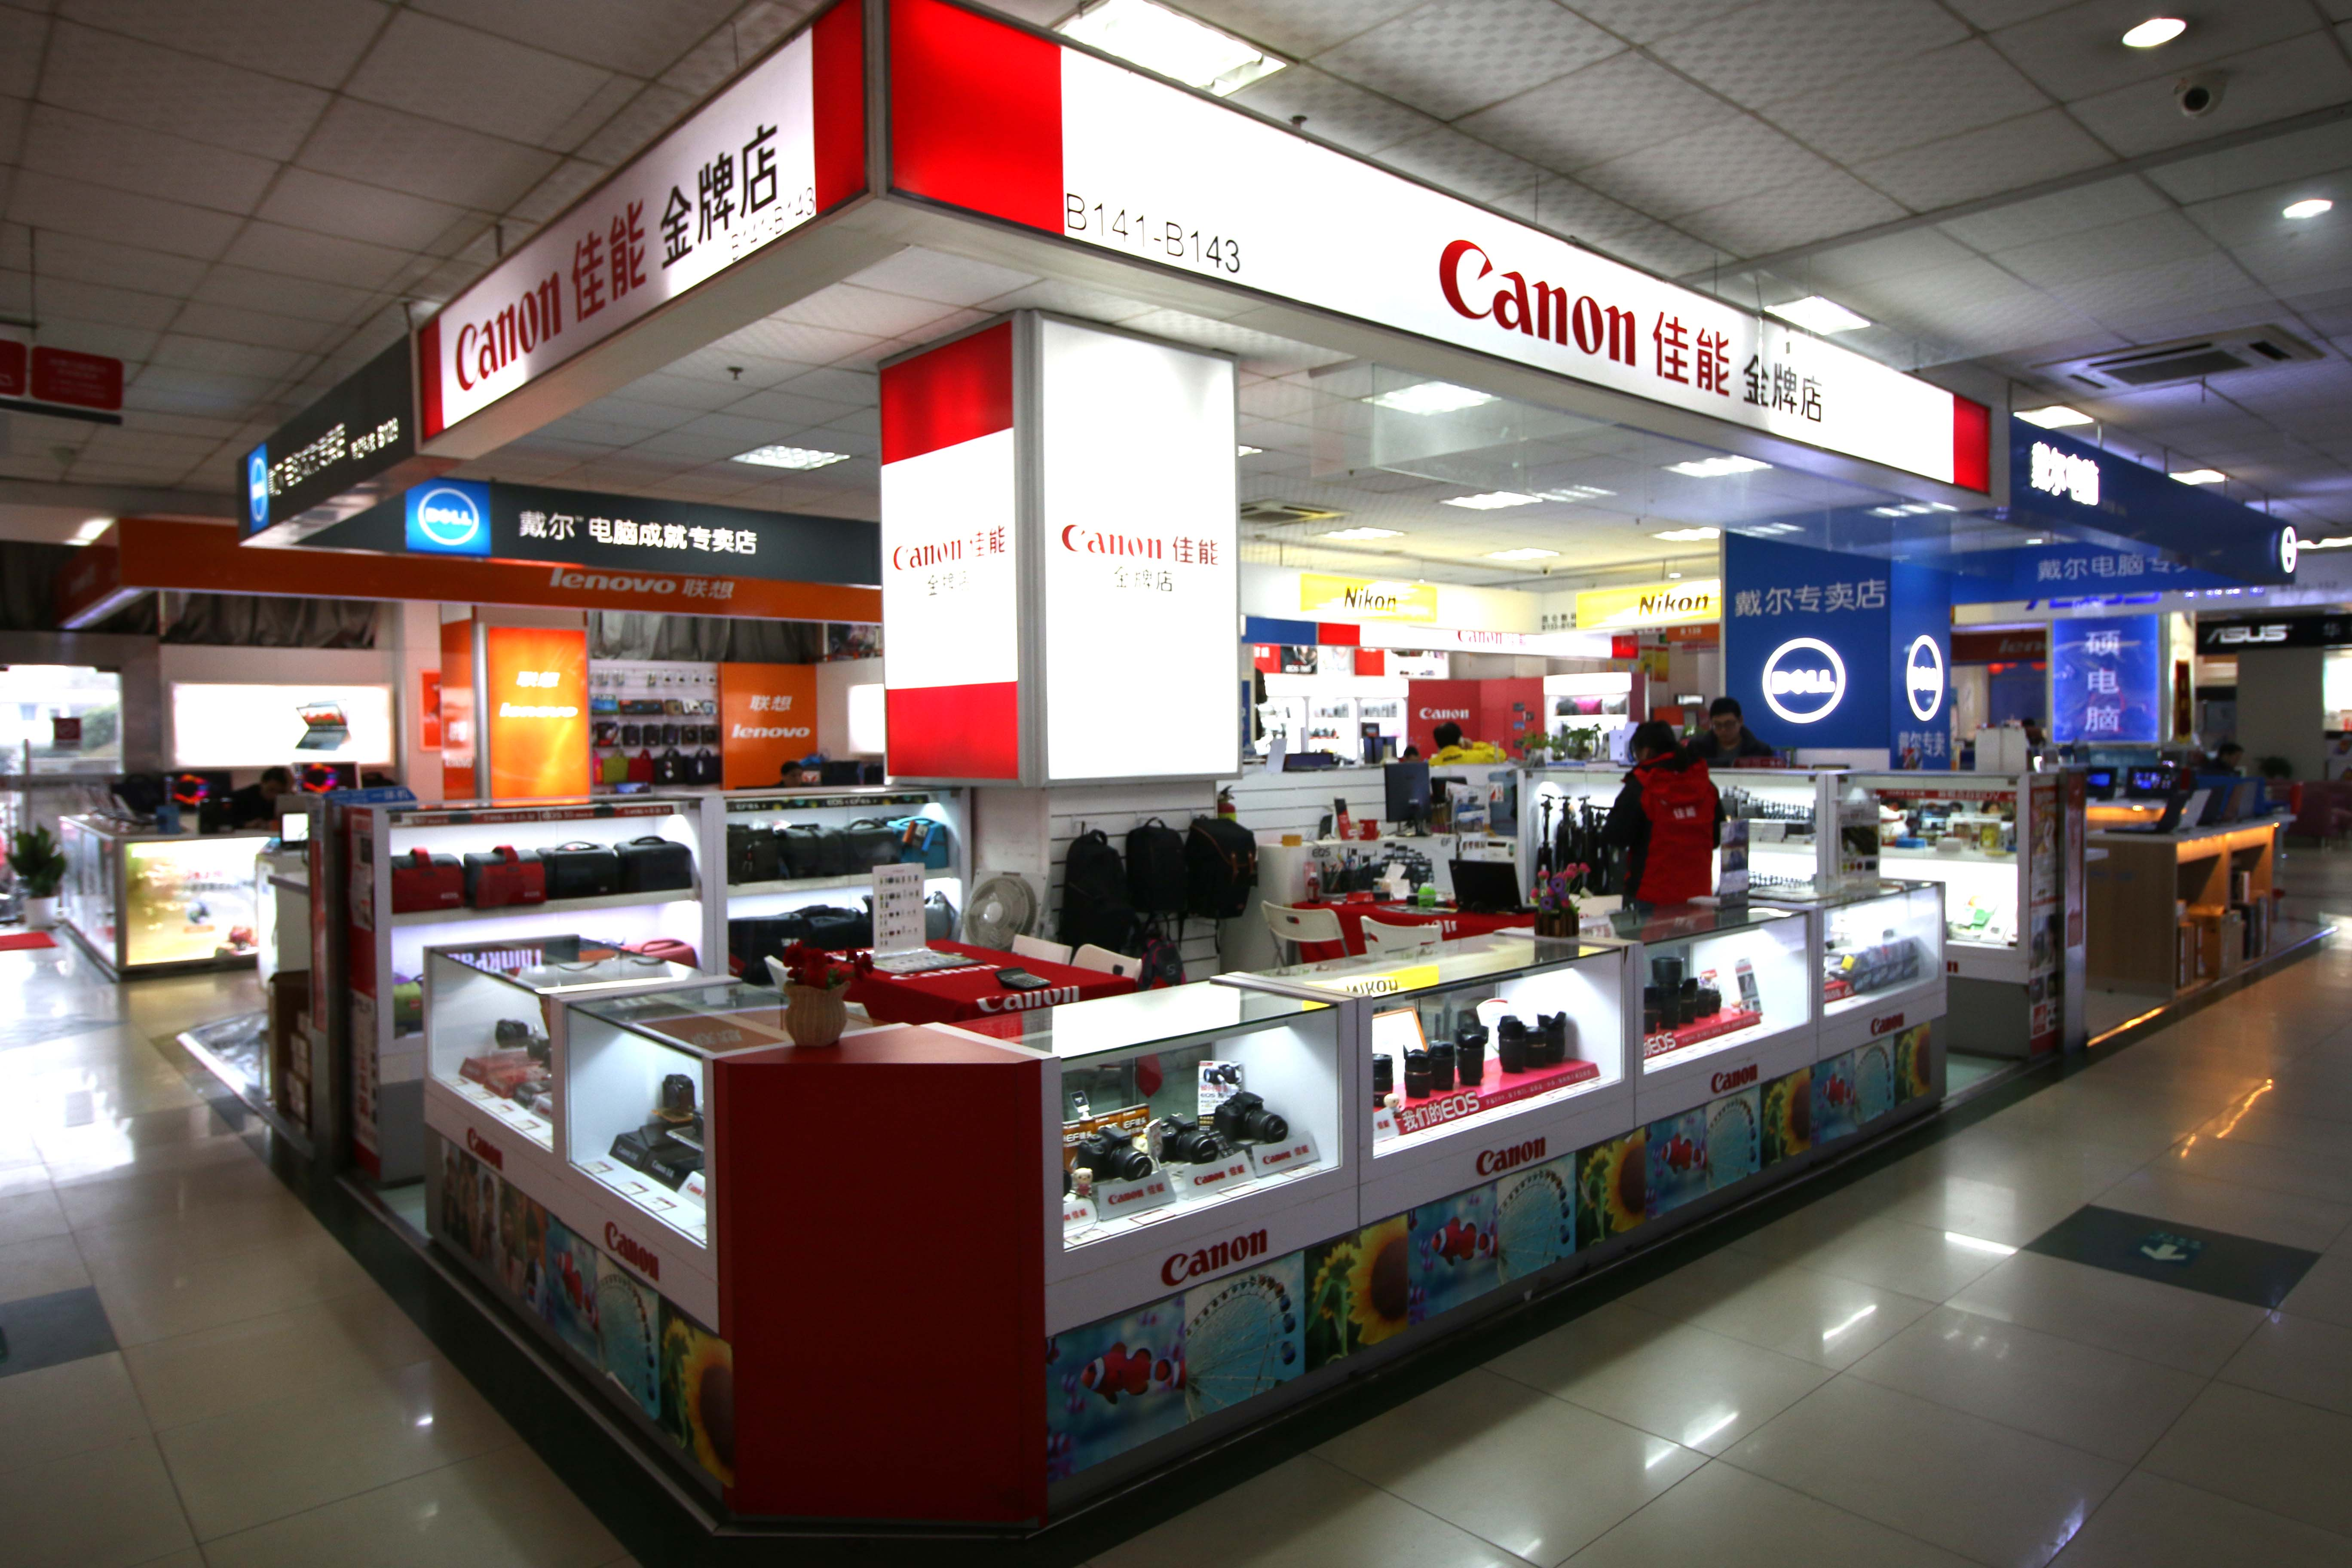 杭州家电市场_杭州市数码相机3C家电数码商家_杭州市数码相机3C家电数码店铺 ...